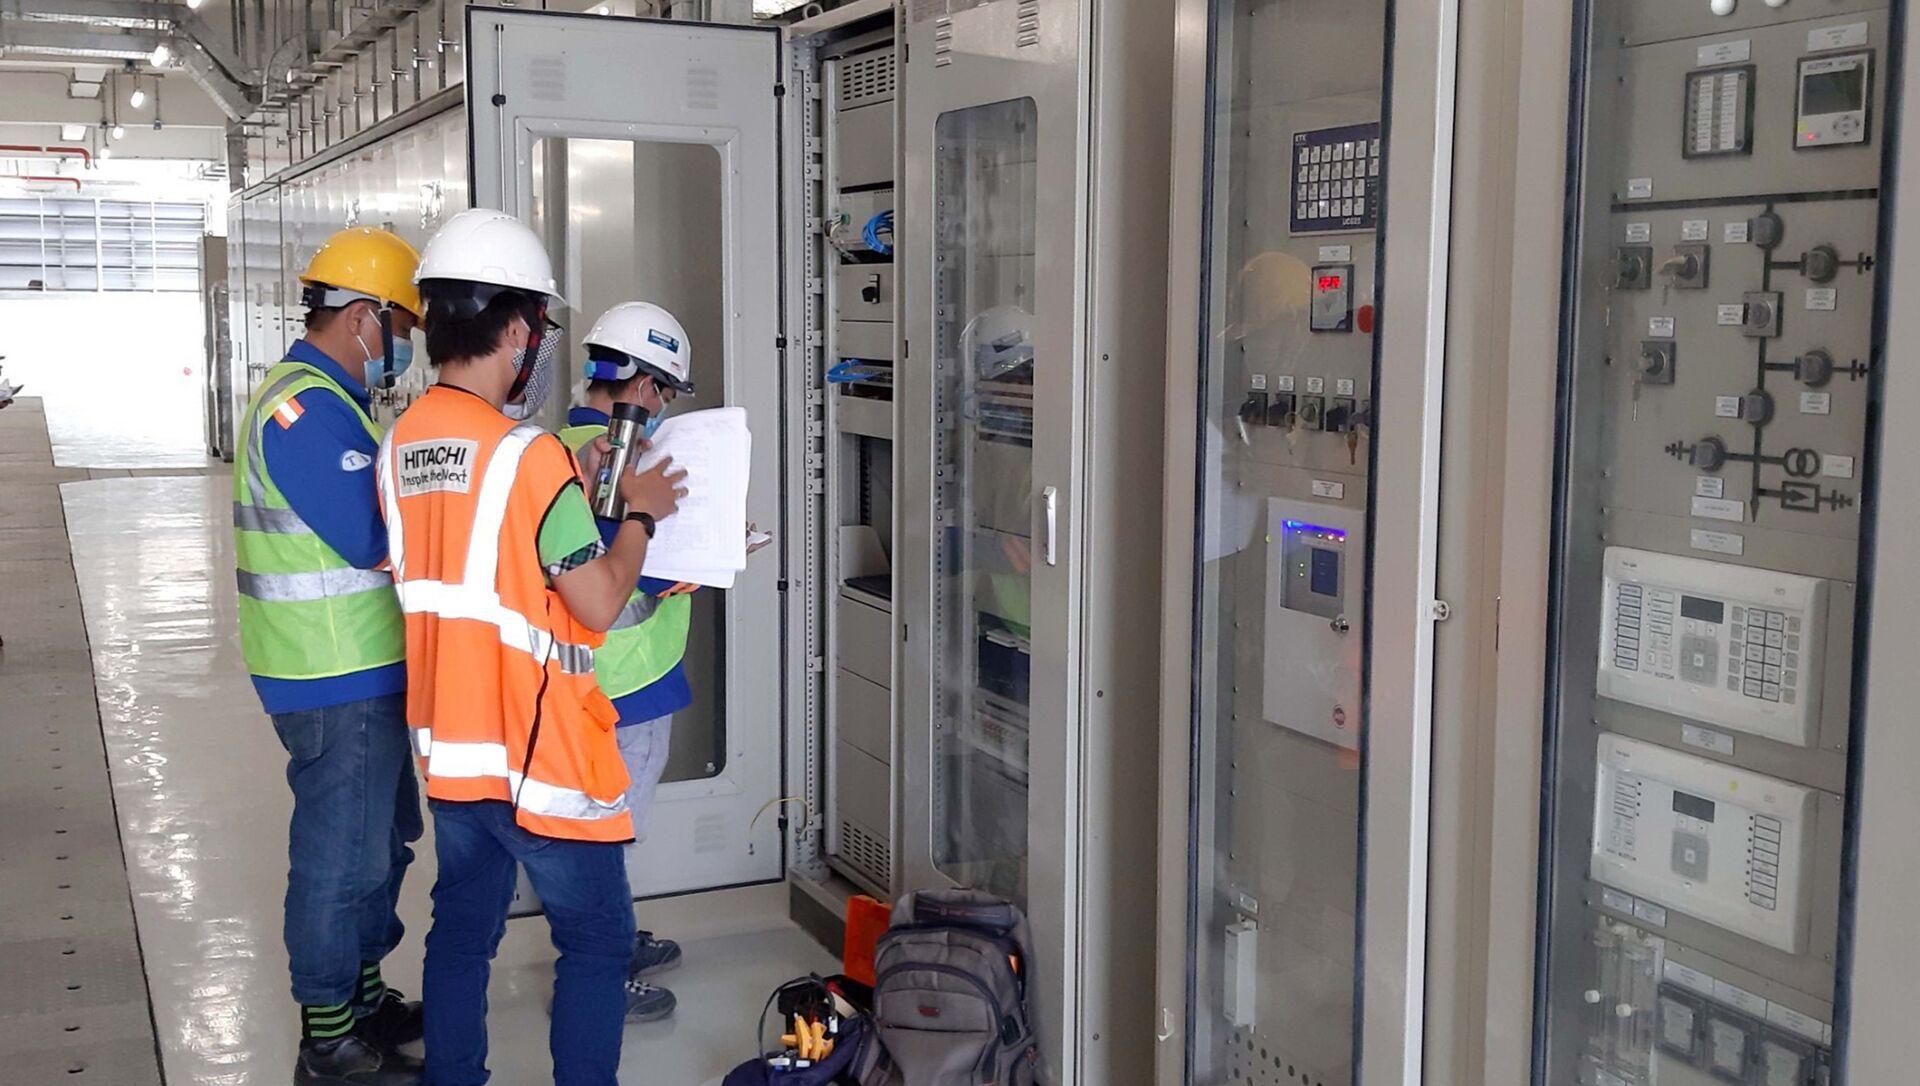 Công tác đóng điện trạm biến áp Bình Thái dự kiến sẽ hoàn thành trong đêm 13/7/2021 - Sputnik Việt Nam, 1920, 11.09.2021